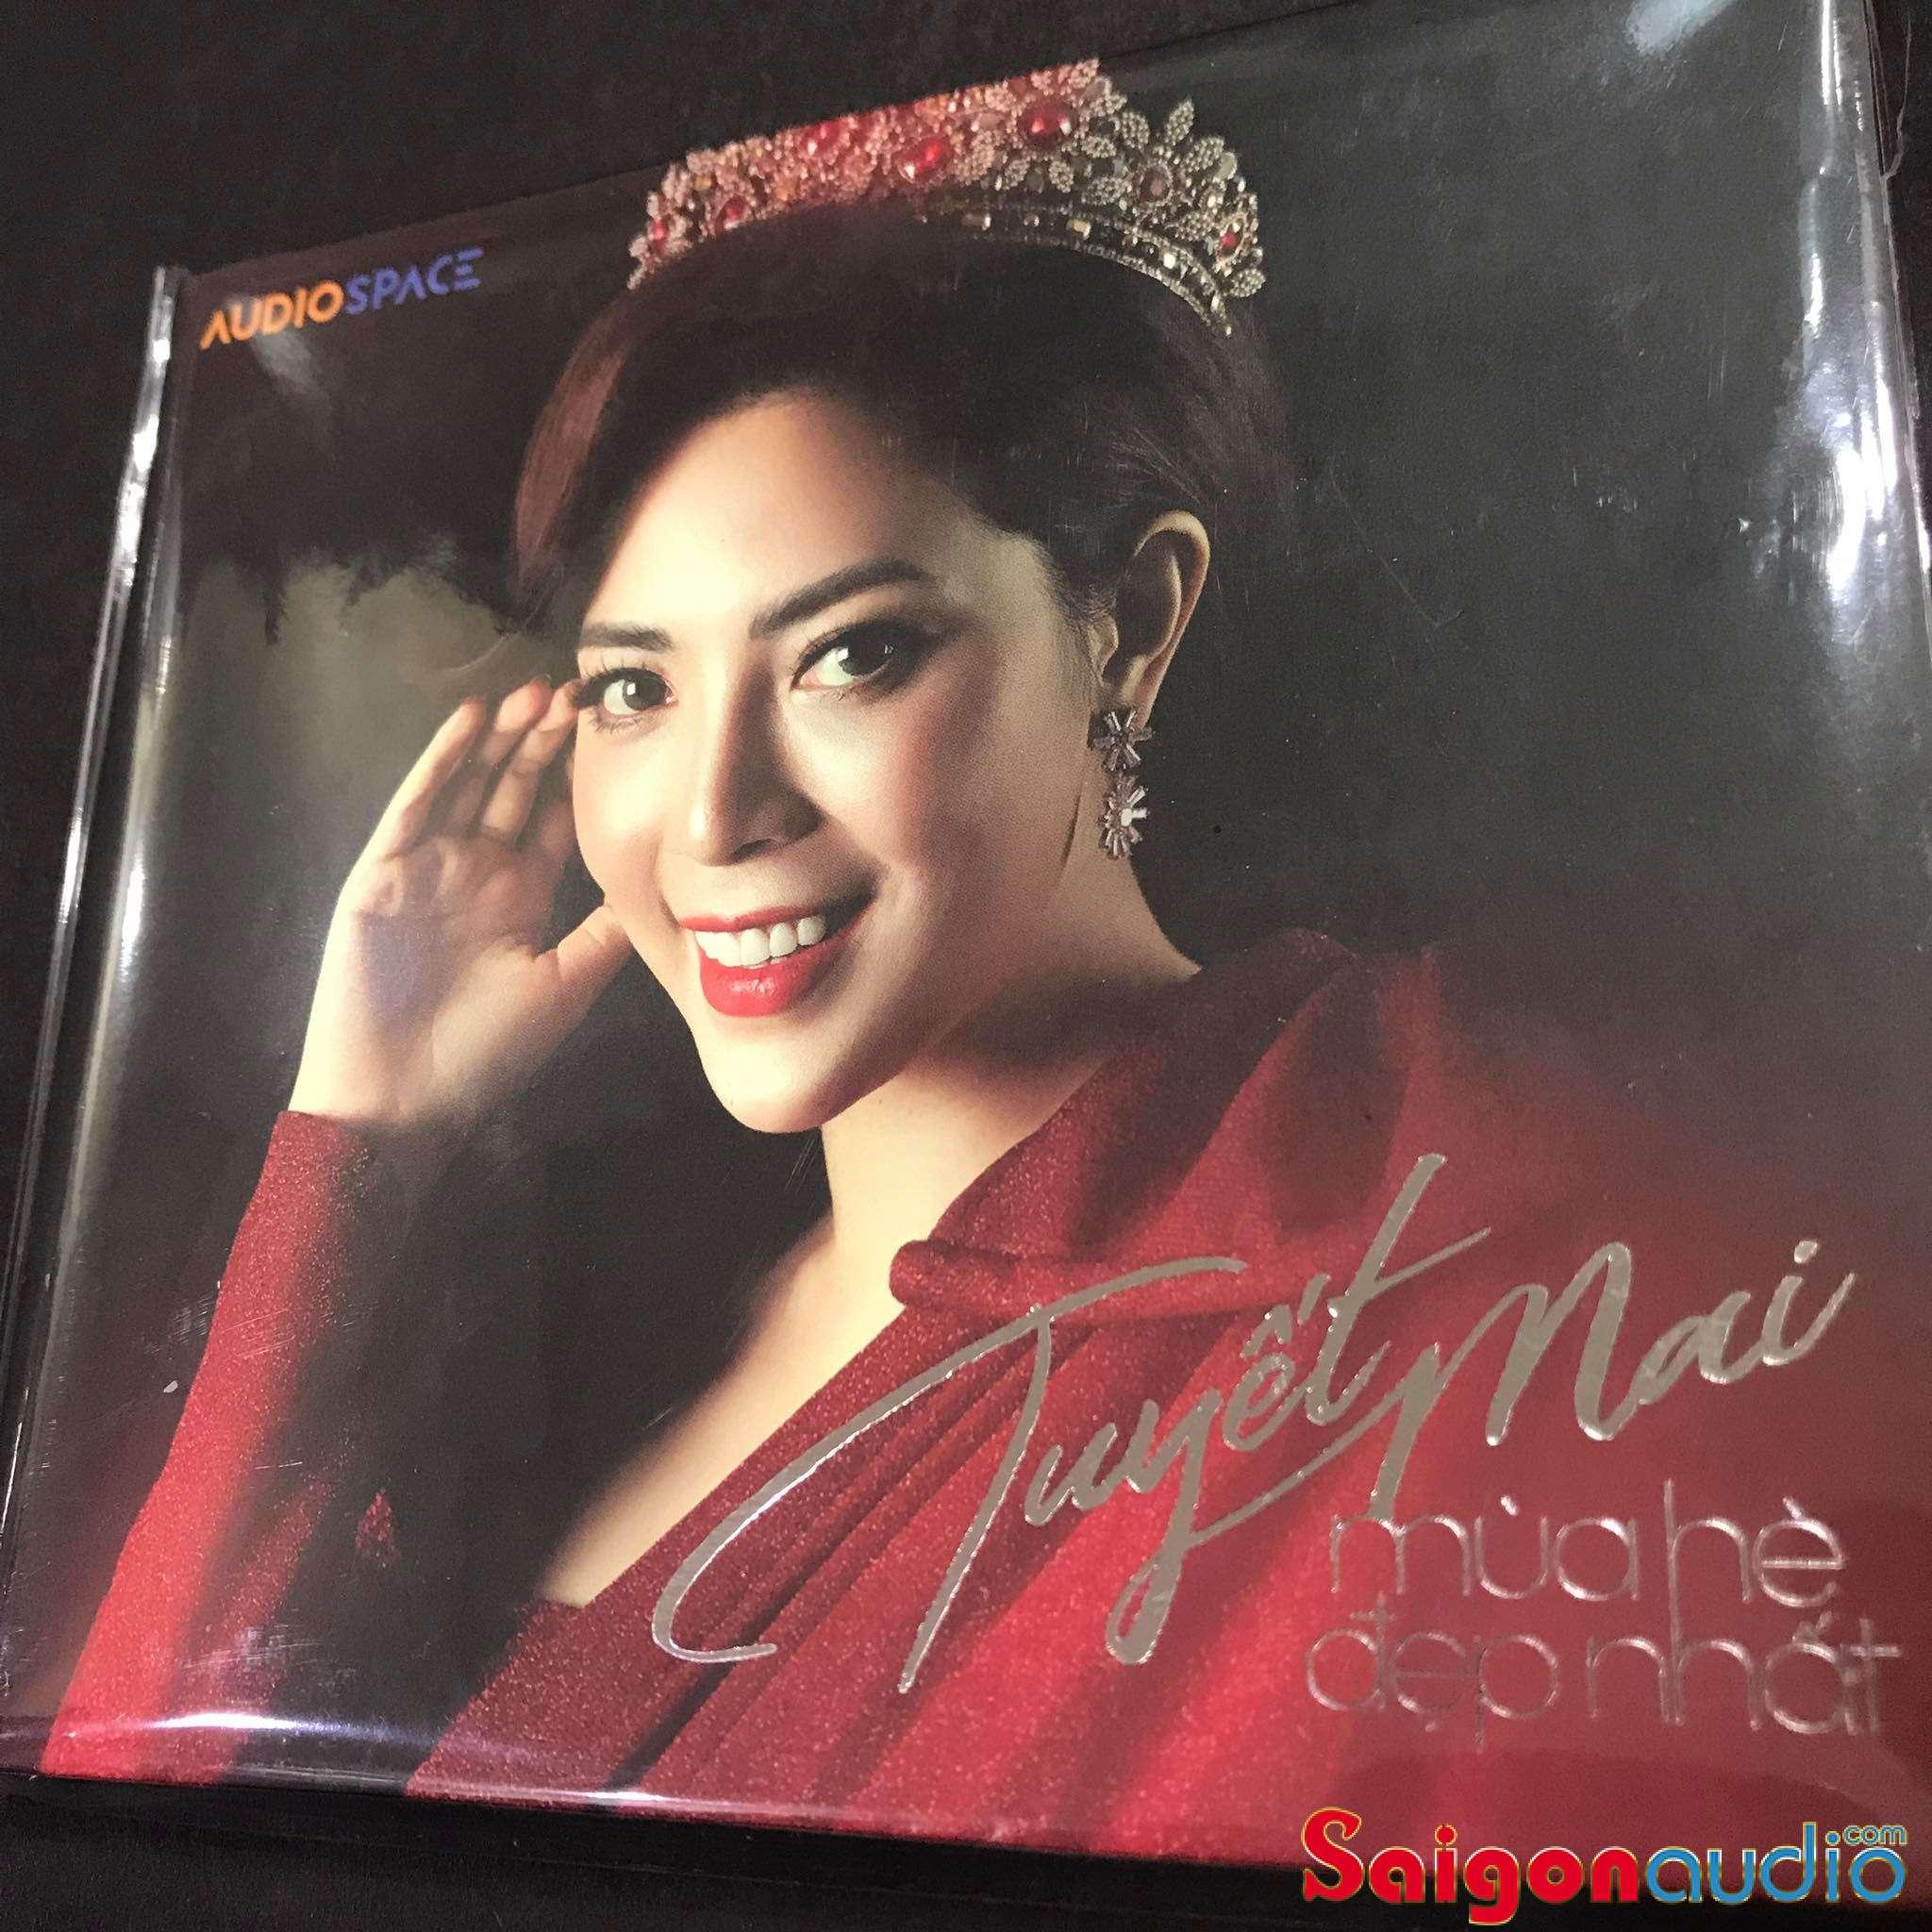 Đĩa CD gốc Mùa Hè đẹp nhất - Tuyết Mai (Free ship khi mua 2 đĩa CD cùng hoặc khác loại)